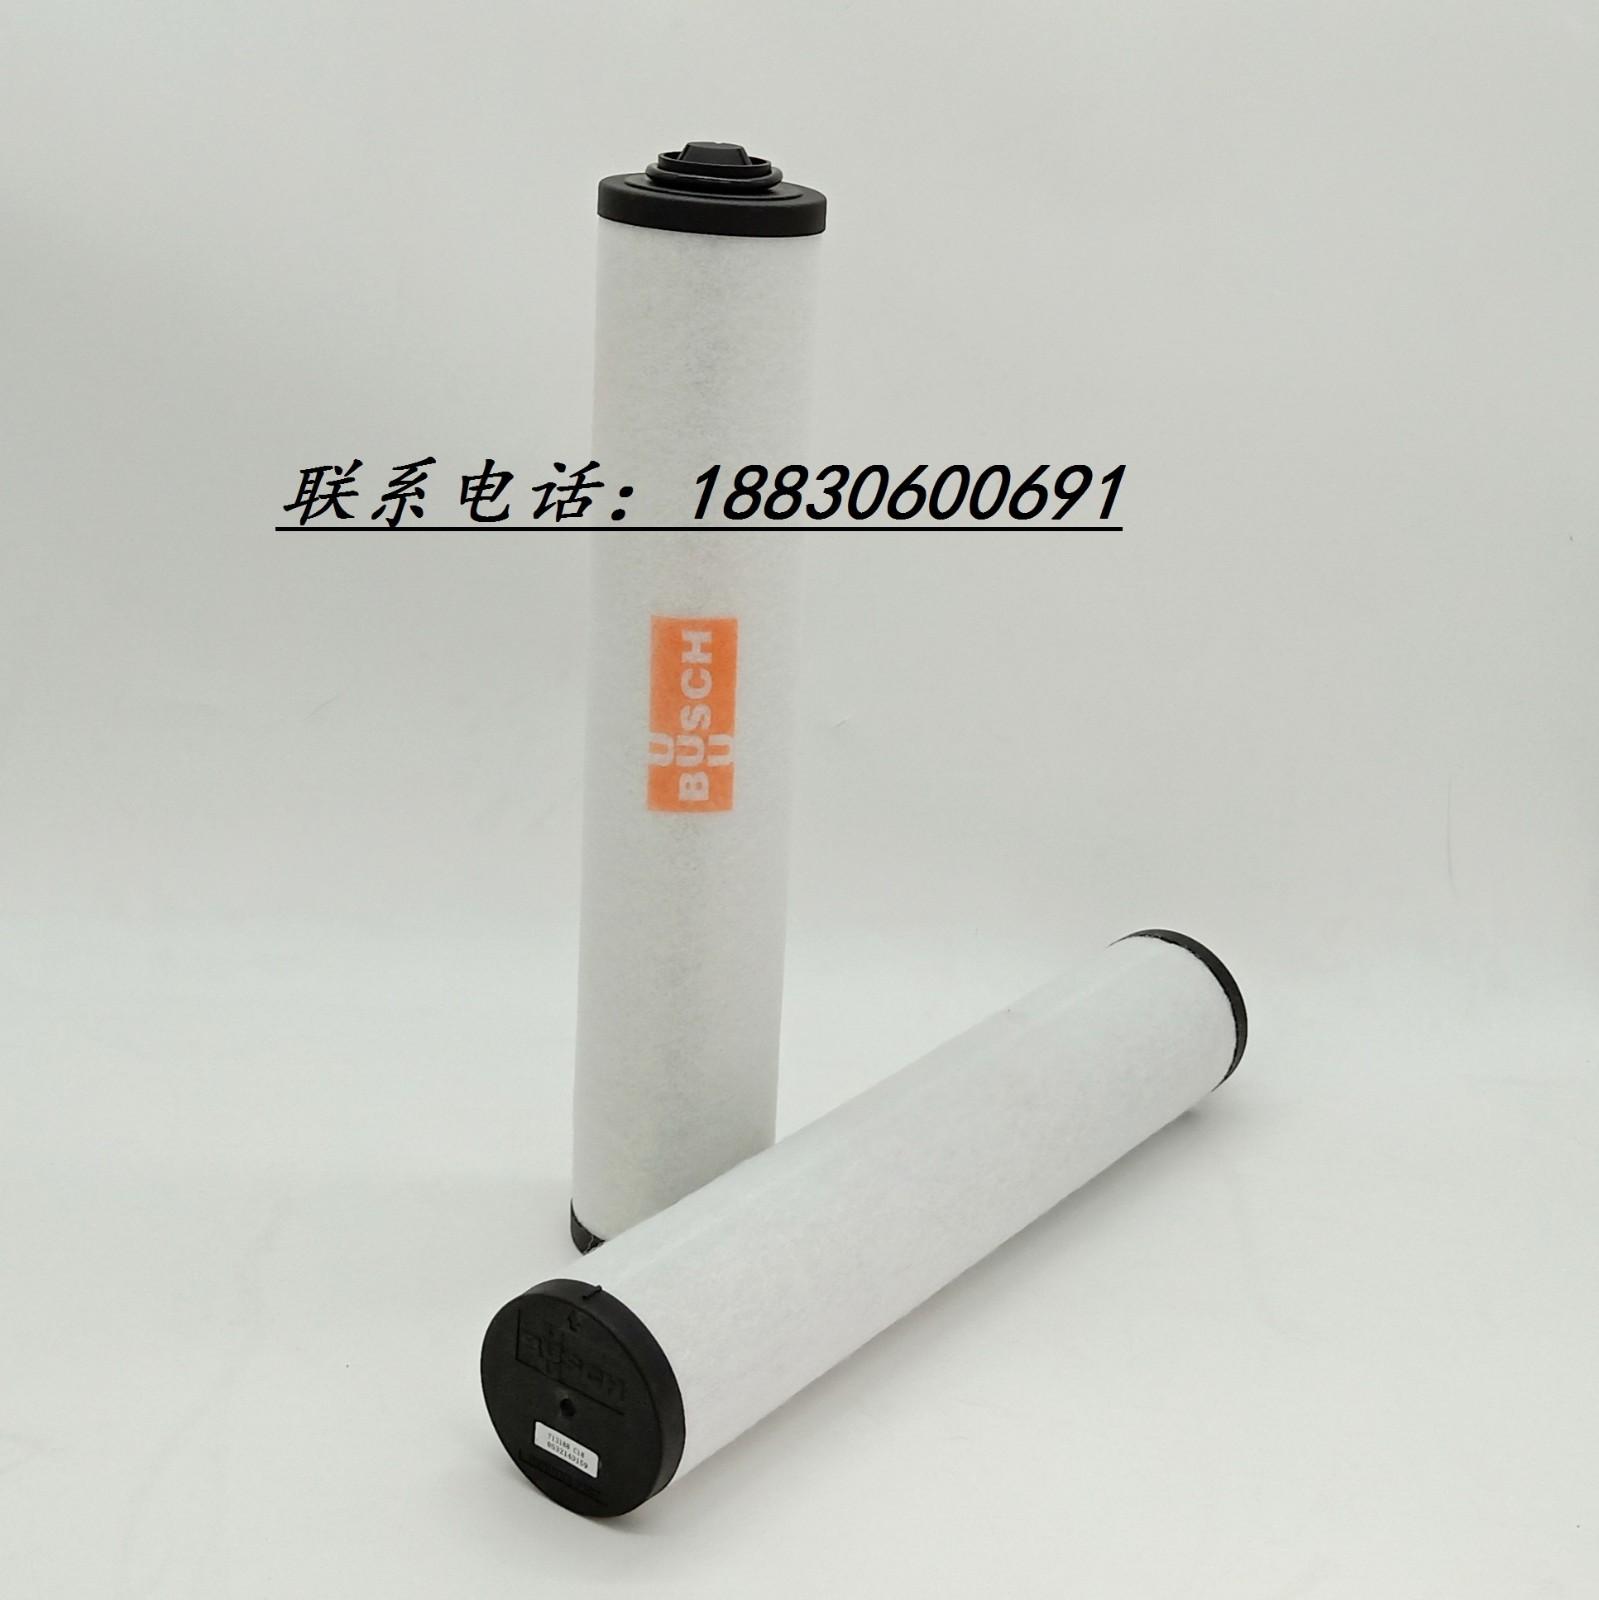 普旭真空泵油雾分离器0532000508